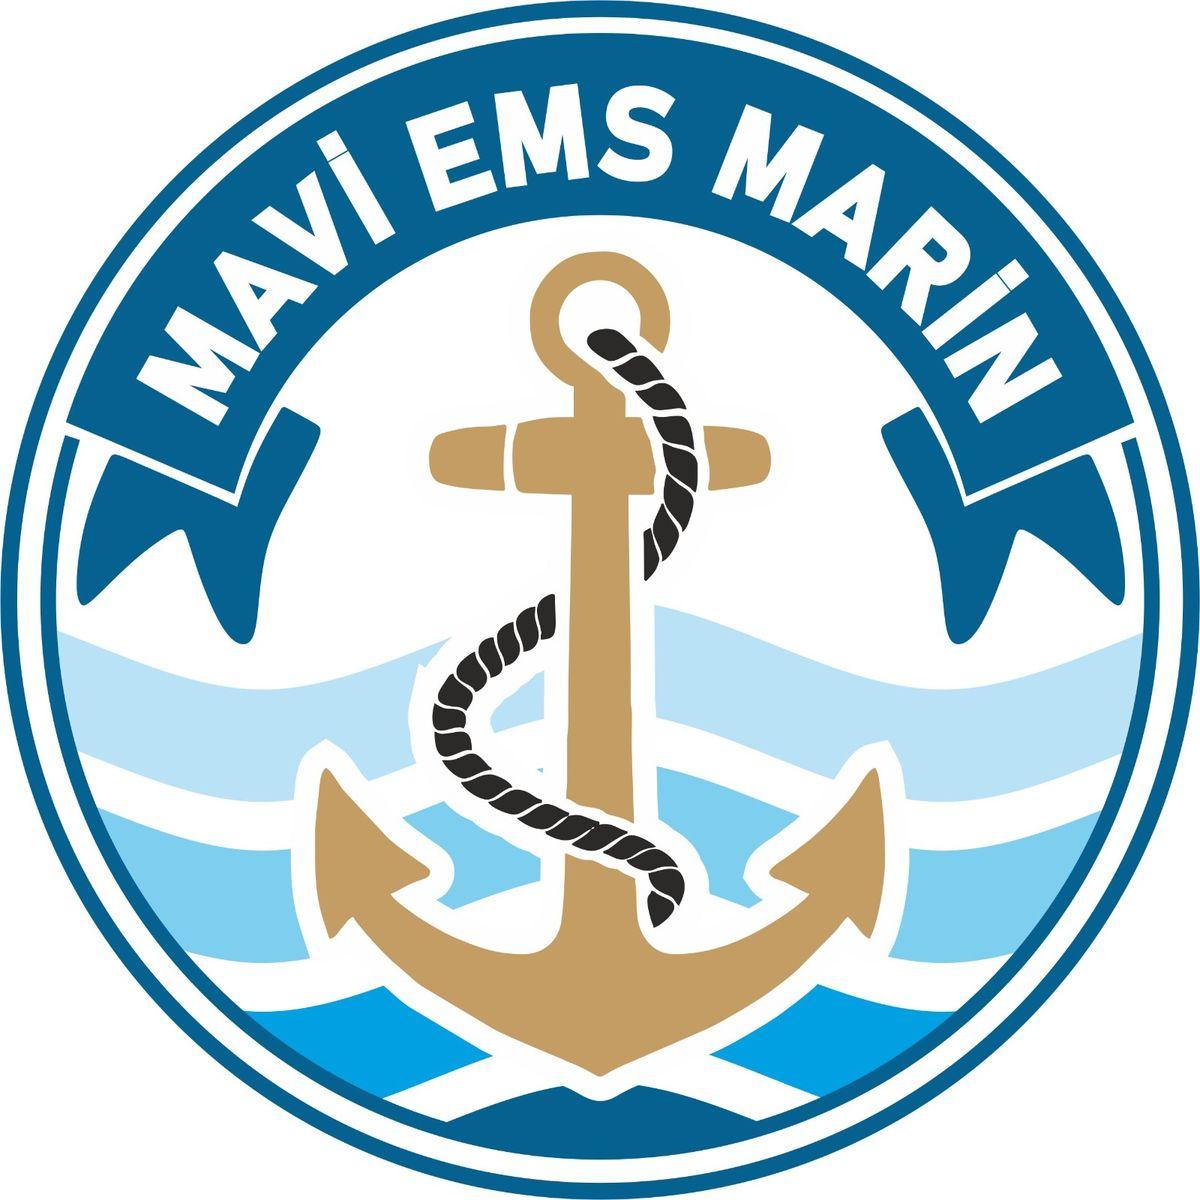 Mavi EMS Marin Yatçılık Servis ve BAkım Turz. Ltd.Şti